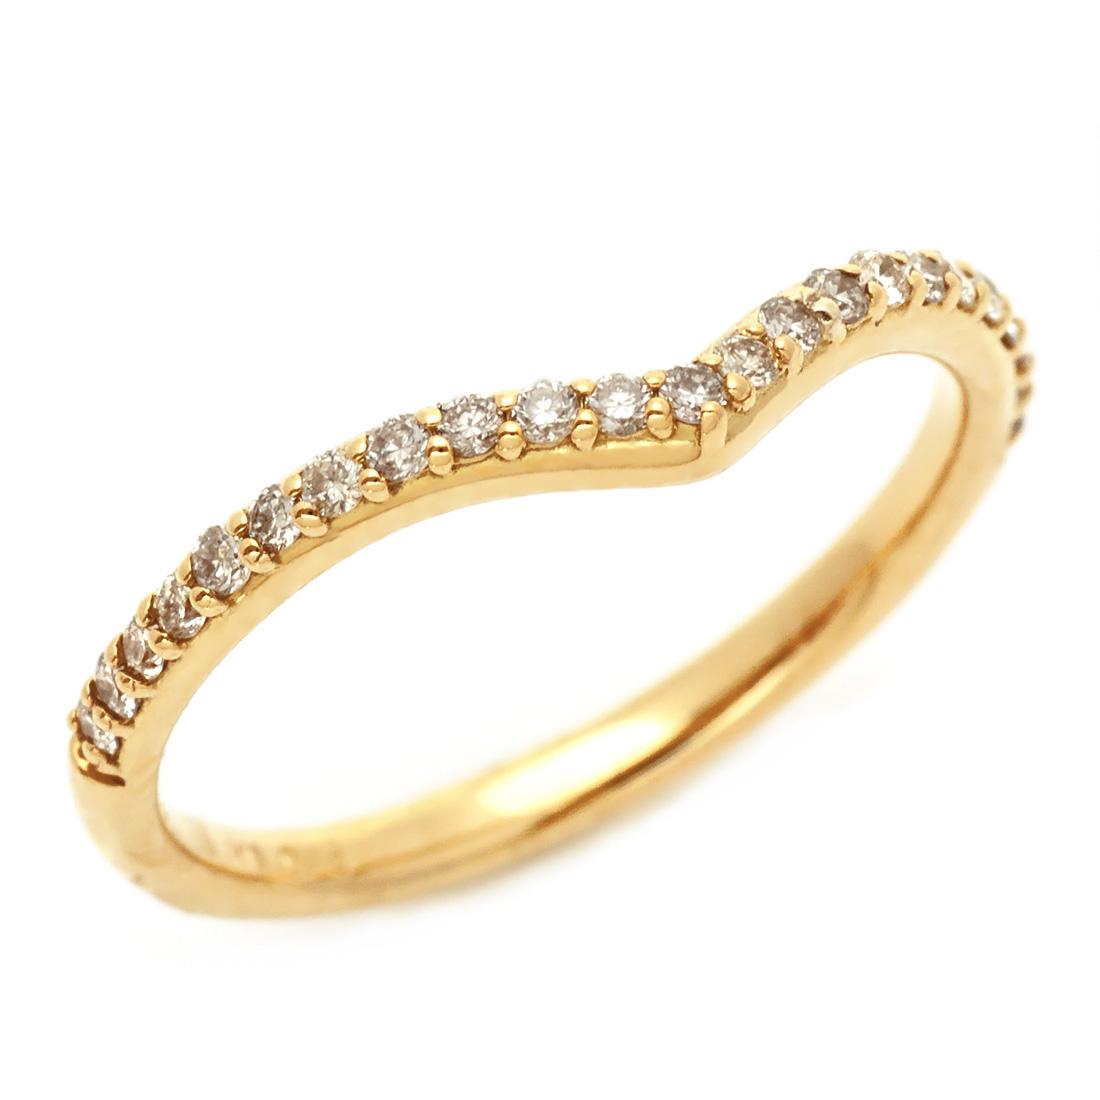 【GWクーポン配布中】エタニティーリング ダイヤモンド 0.15ct Vライン ゴールド K18 送料無料